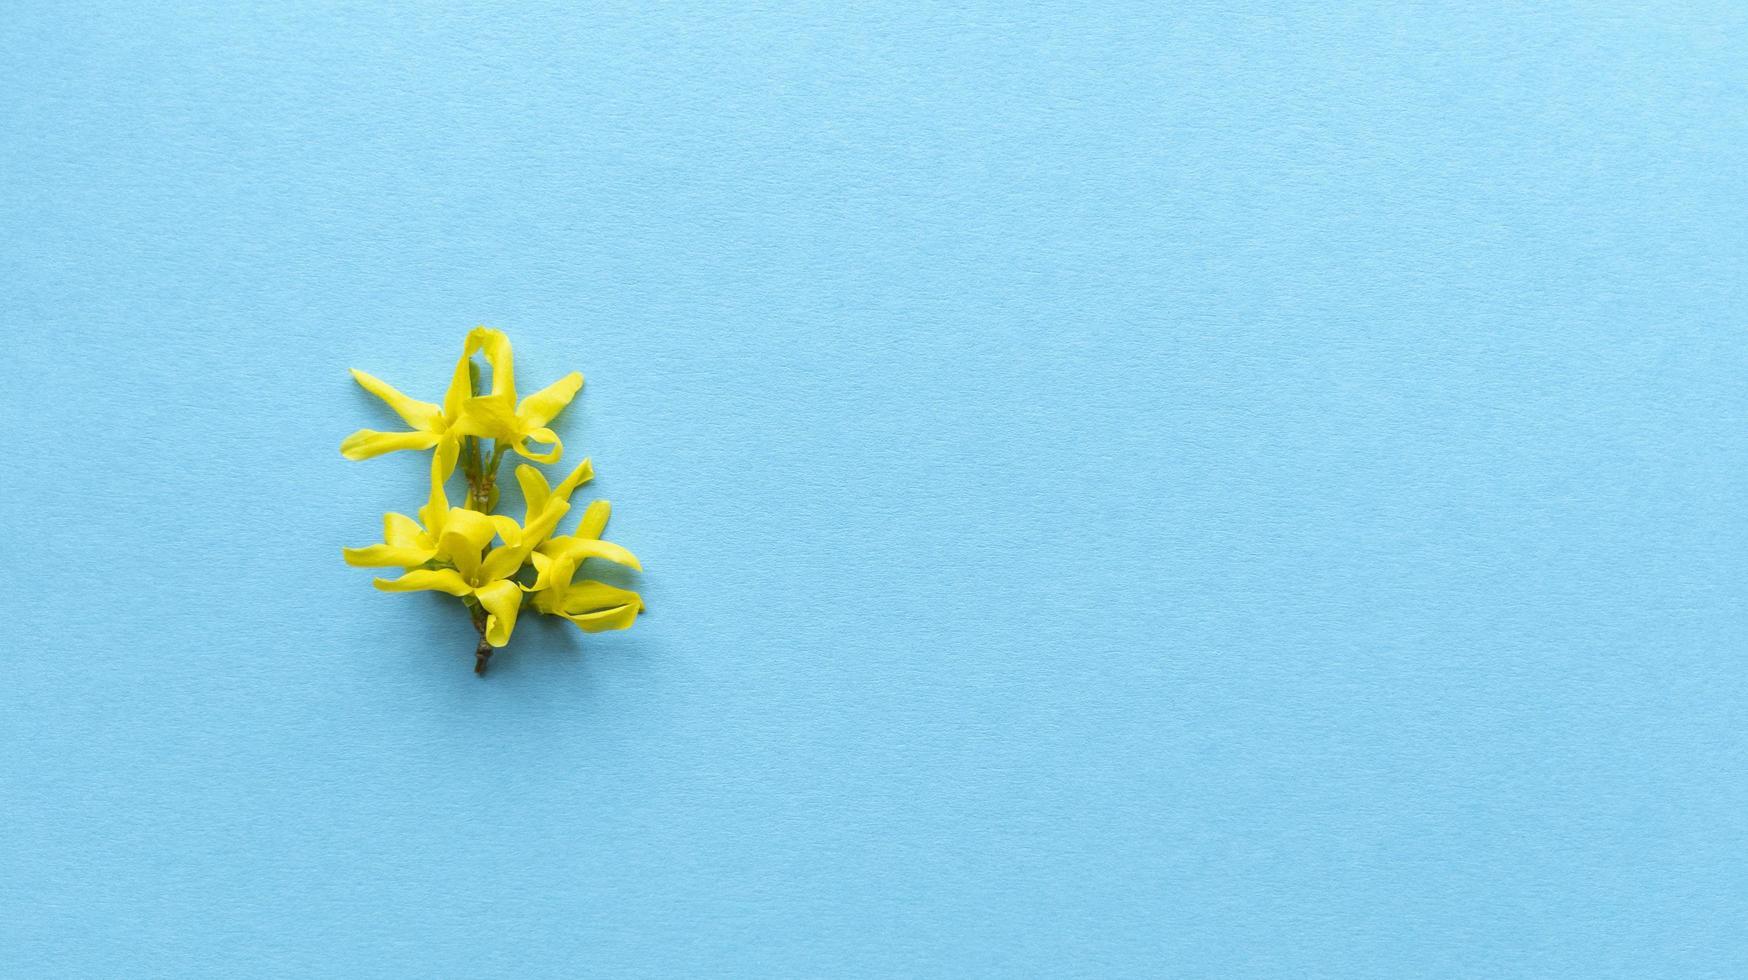 gele bloem blauwe achtergrond. eenvoudig plat leggen met pastel textuur. mode eco-concept. Stock foto. foto